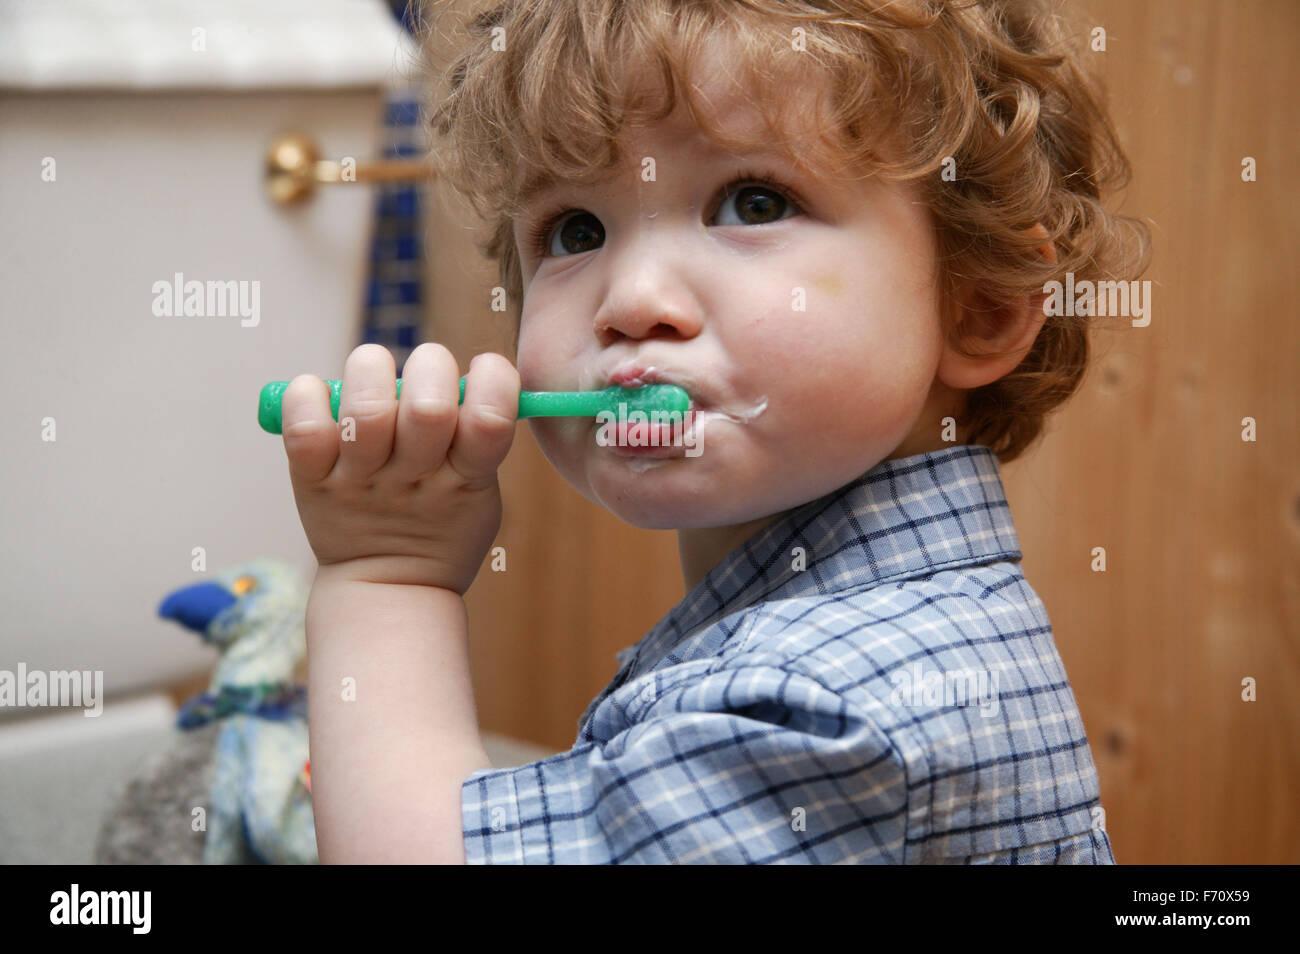 Baby Boy aprendiendo a limpiar sus propios dientes, Imagen De Stock